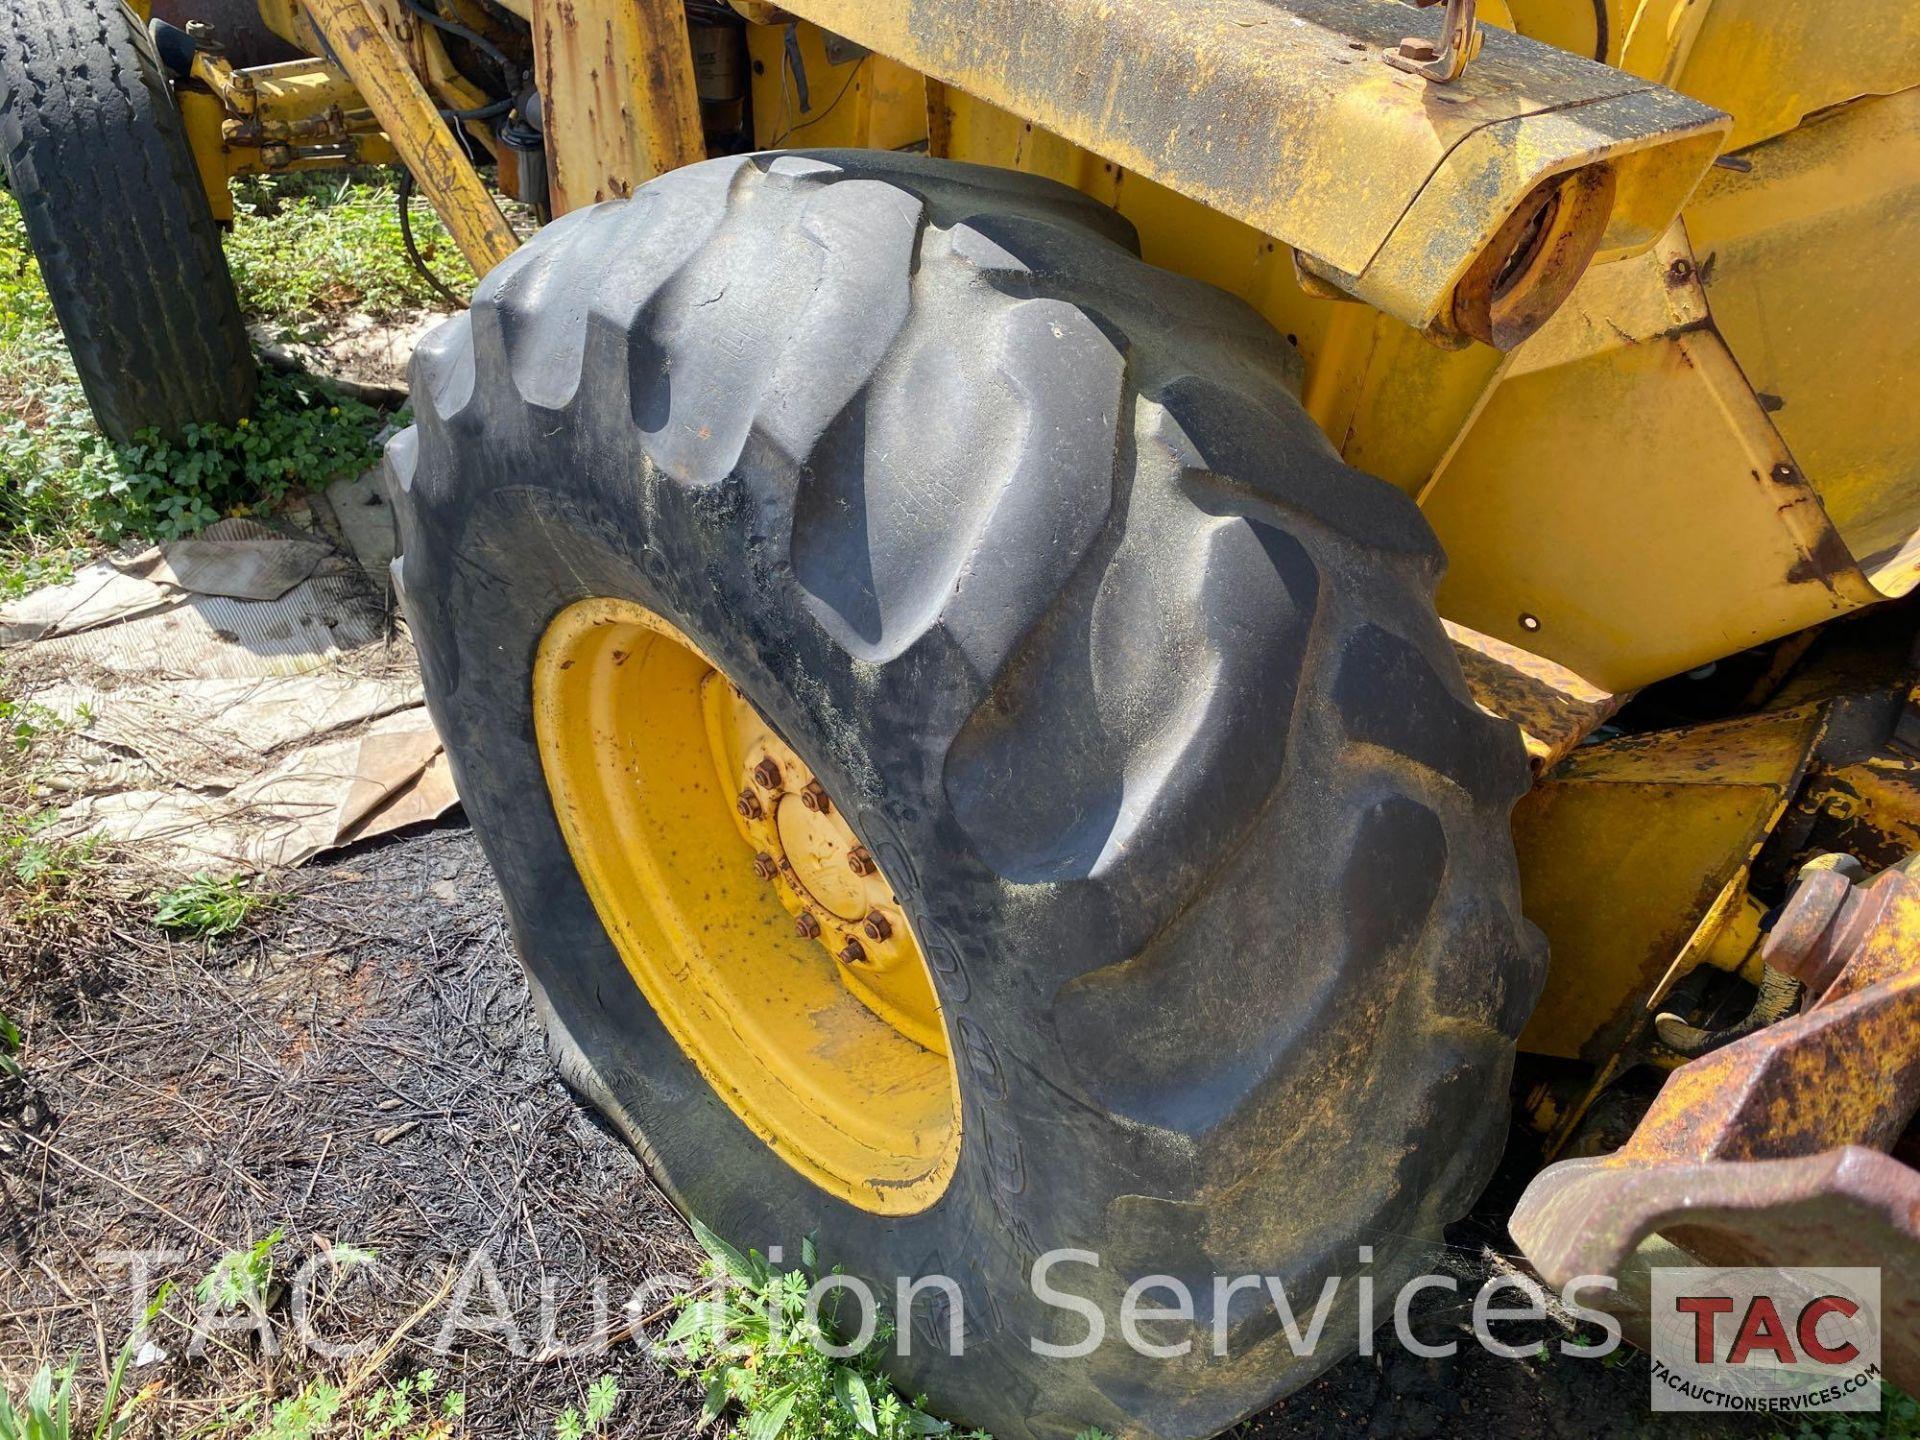 Massey Ferguson 50C Loader Backhoe - Image 40 of 45